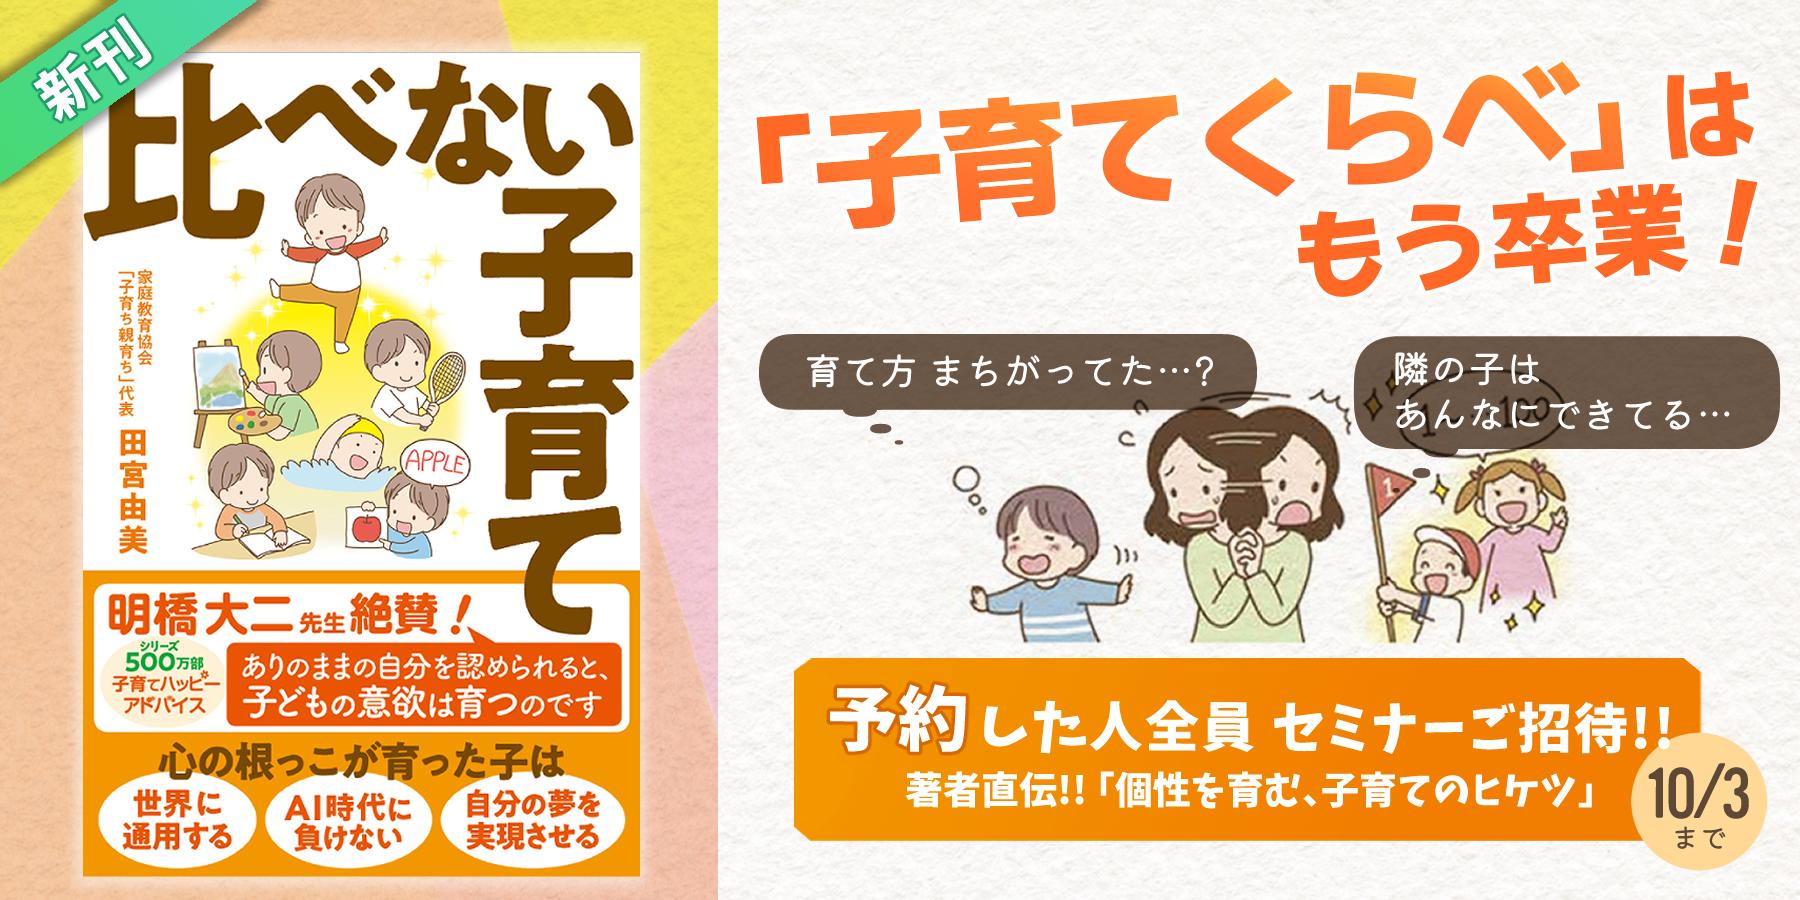 新刊『比べない子育て』Amazon予約キャンペーン(ココロほっとLINE)の画像1